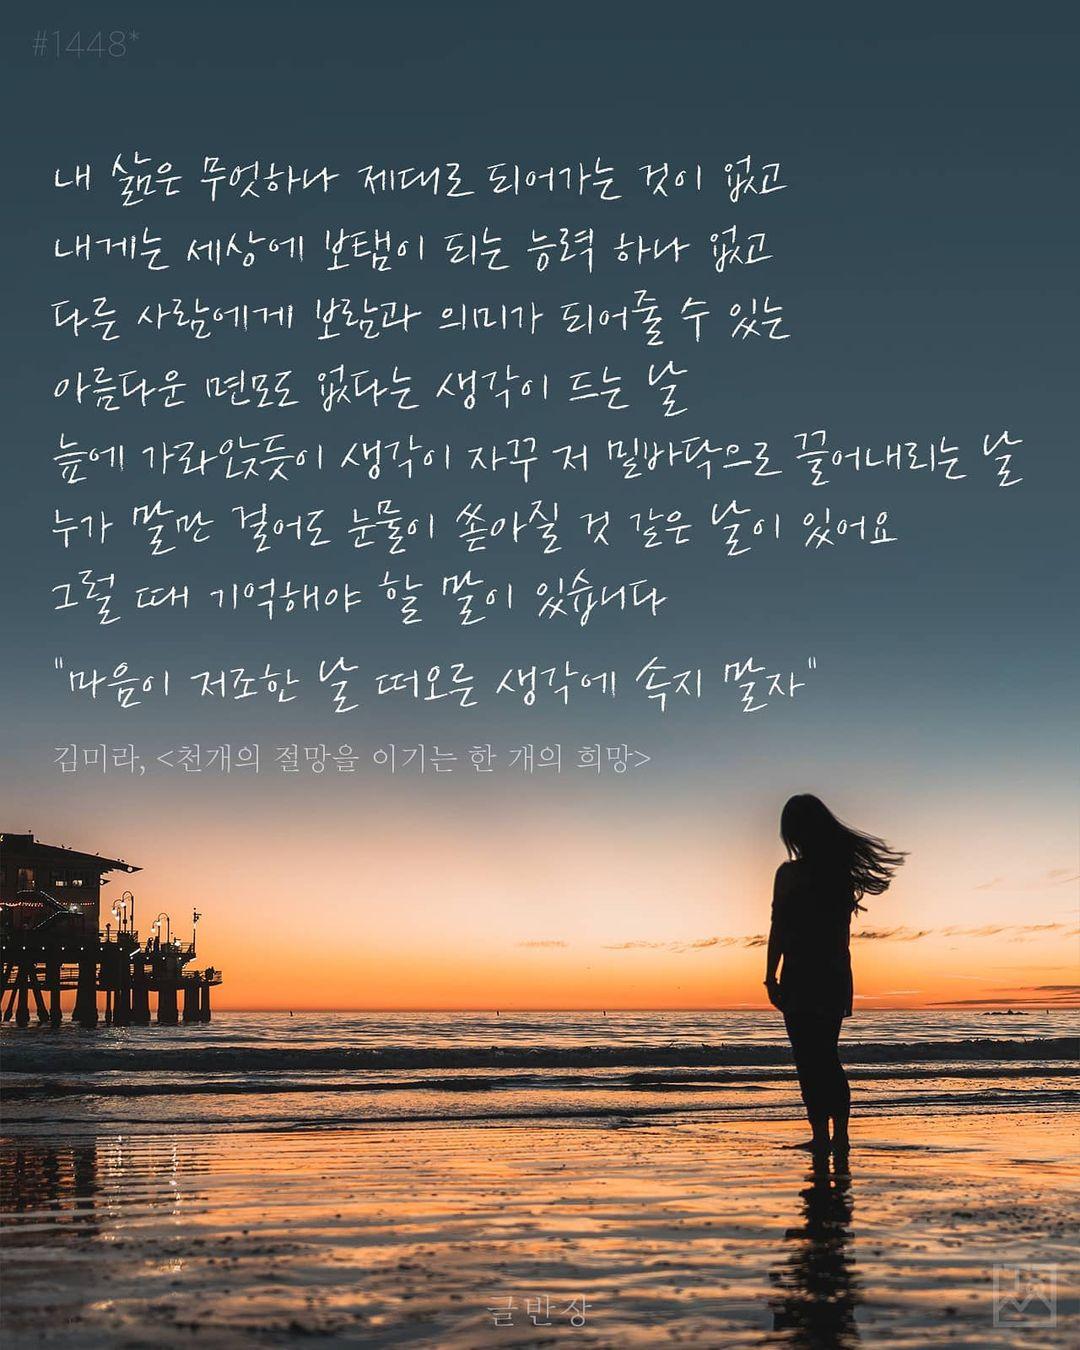 마음이 저조한 날 떠오른 생각에 속지 말자 - 김미라, <천개의 절망을 이기는 한 개의 희망>